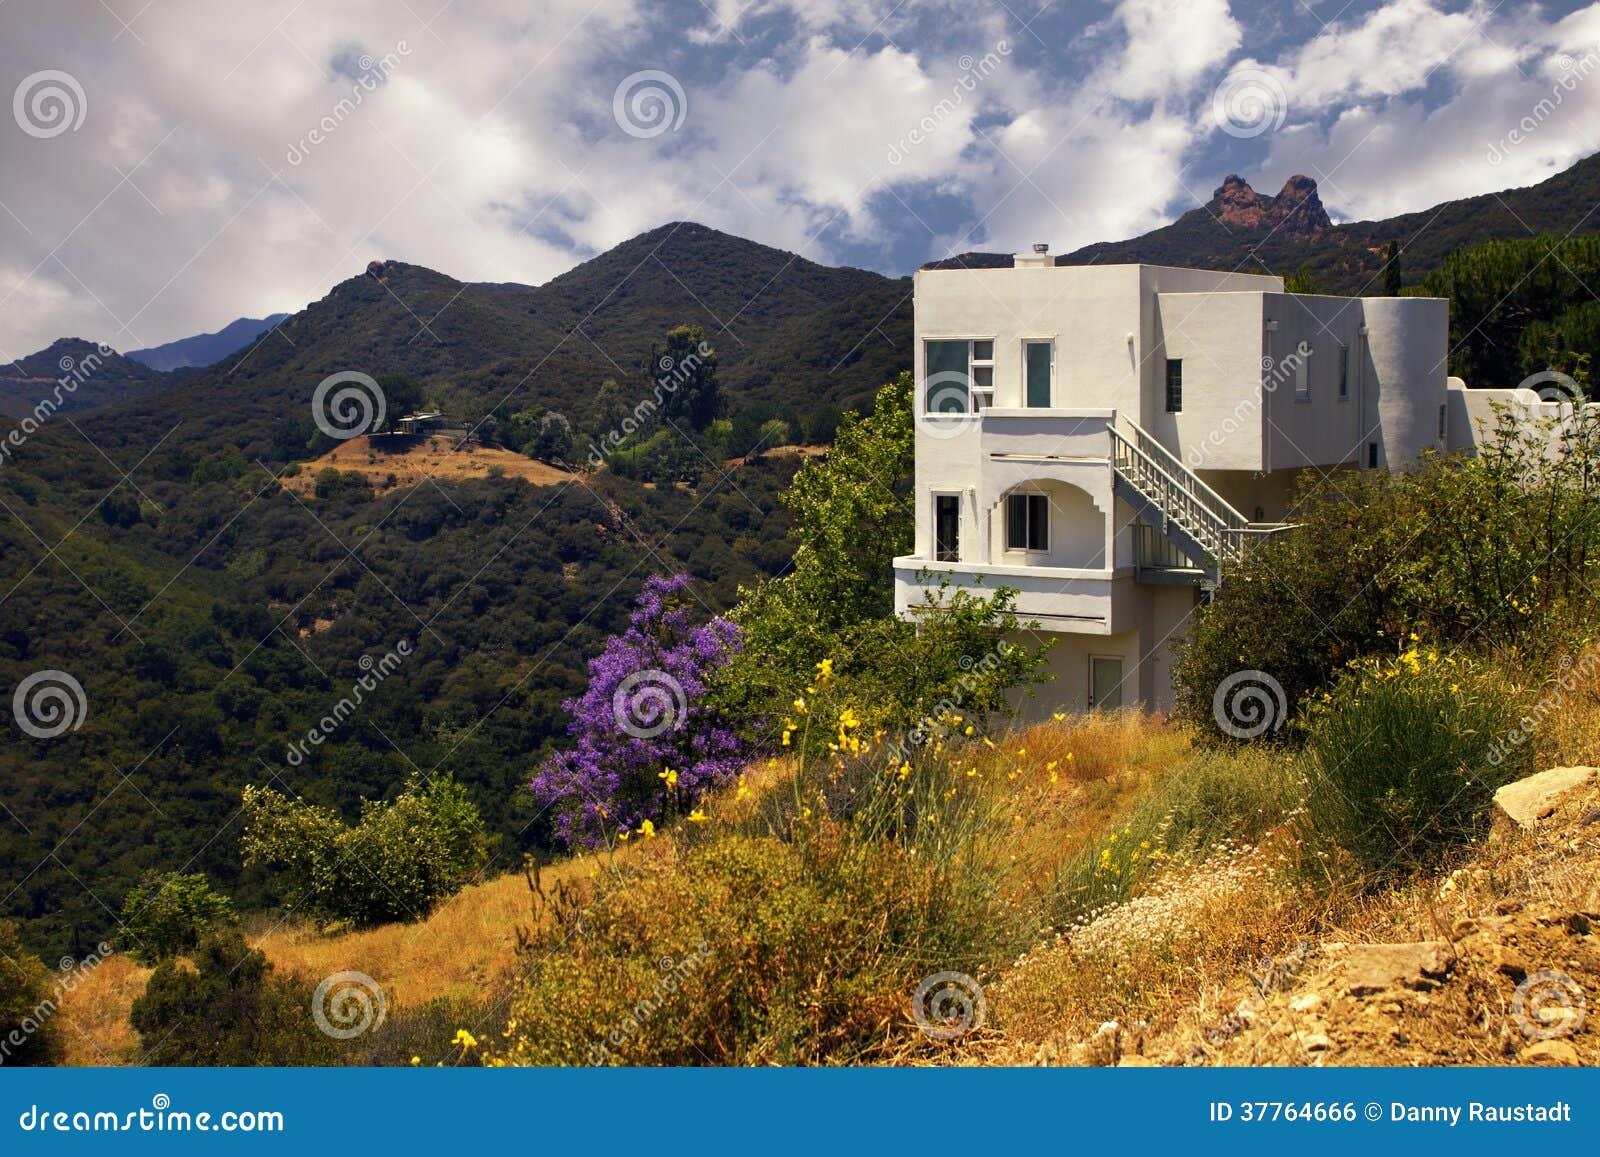 Modernes kalifornien traumhaus in den bergen lizenzfreies for Modernes traumhaus